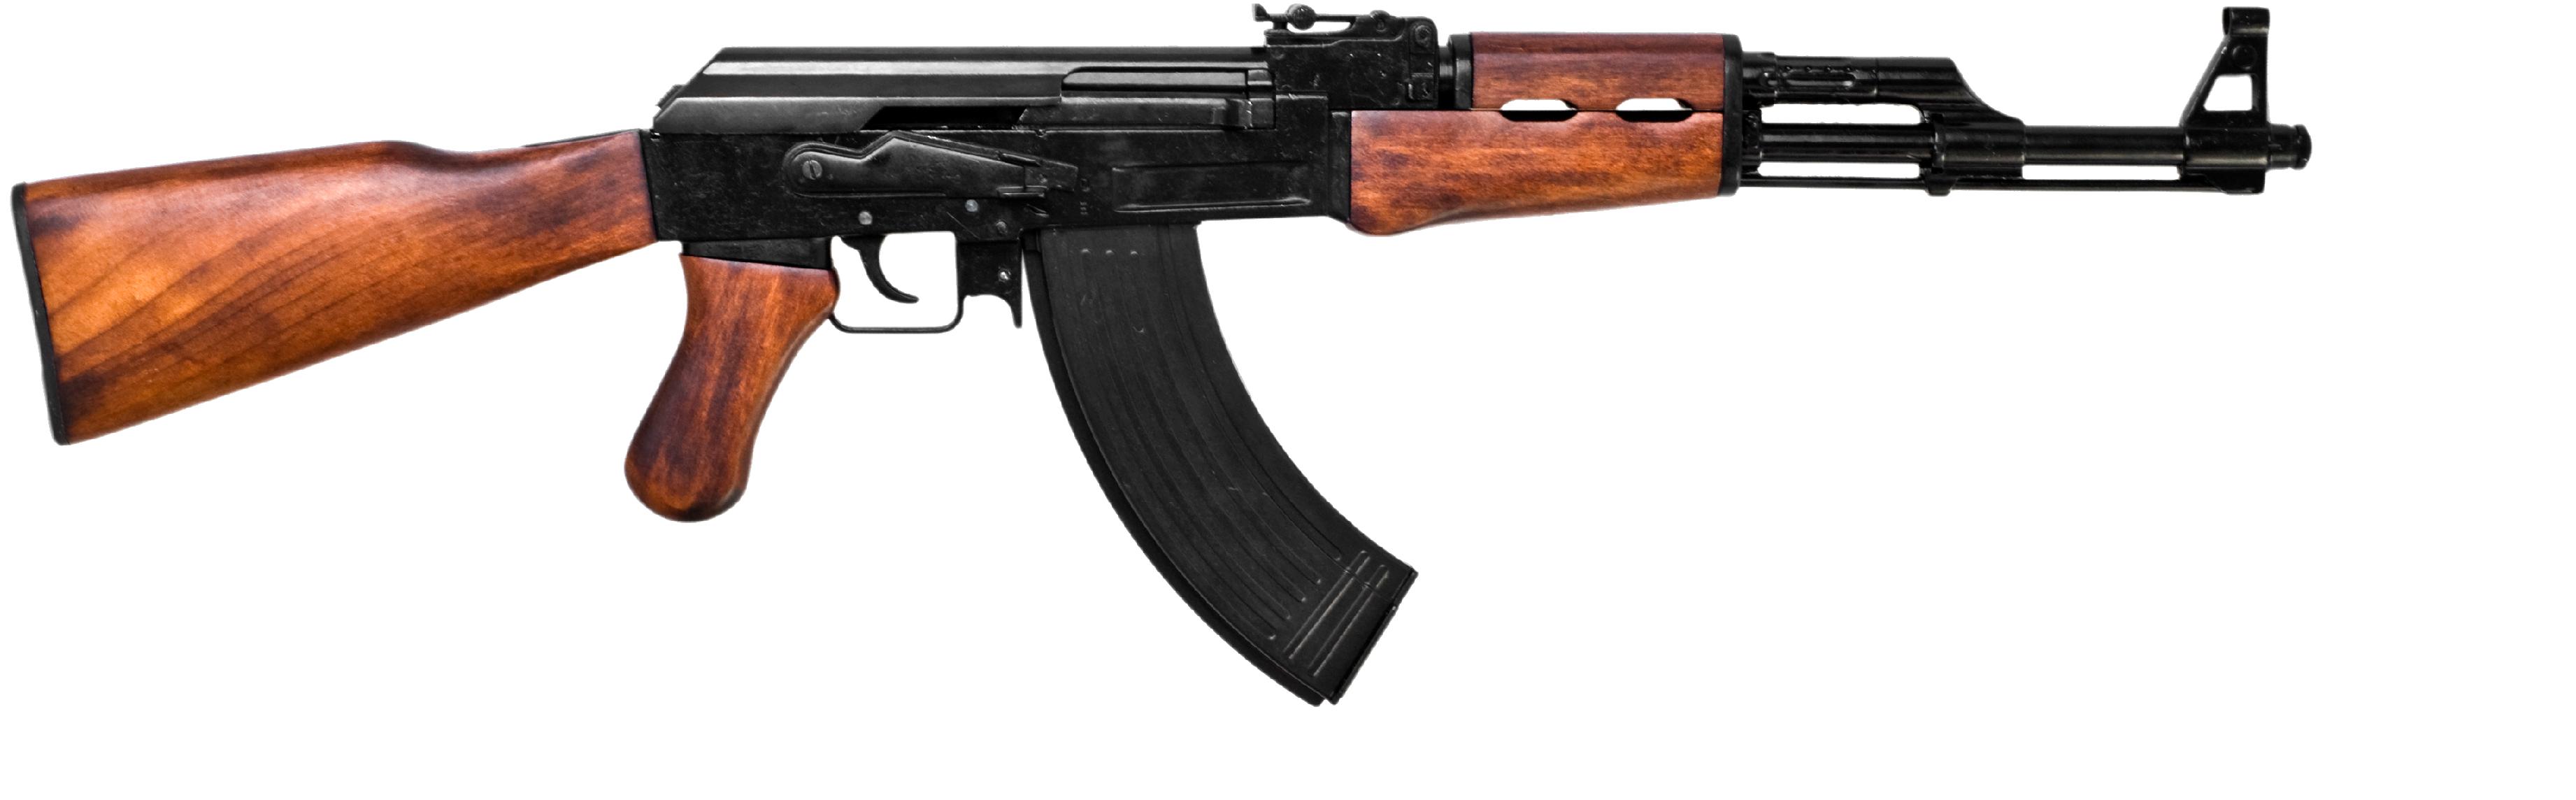 Ak 47 PNG Image.